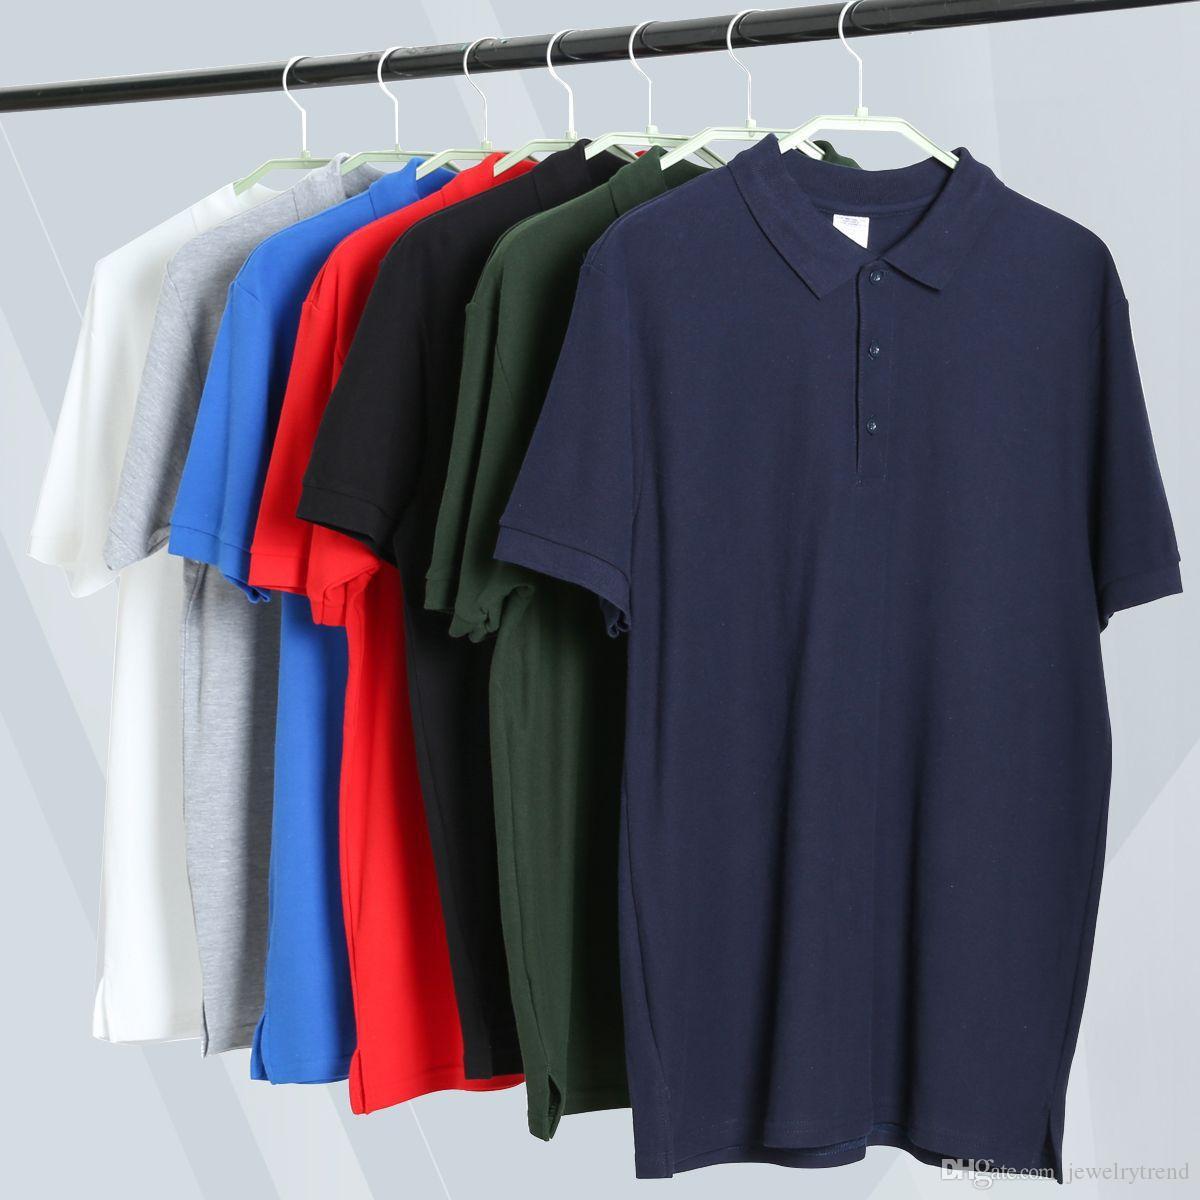 Europa Fashion Summer Classic Polo da uomo da uomo tinta unita Top Tee cotone manica corta in cotone magliette camicia 7 colori S-2XL C3478